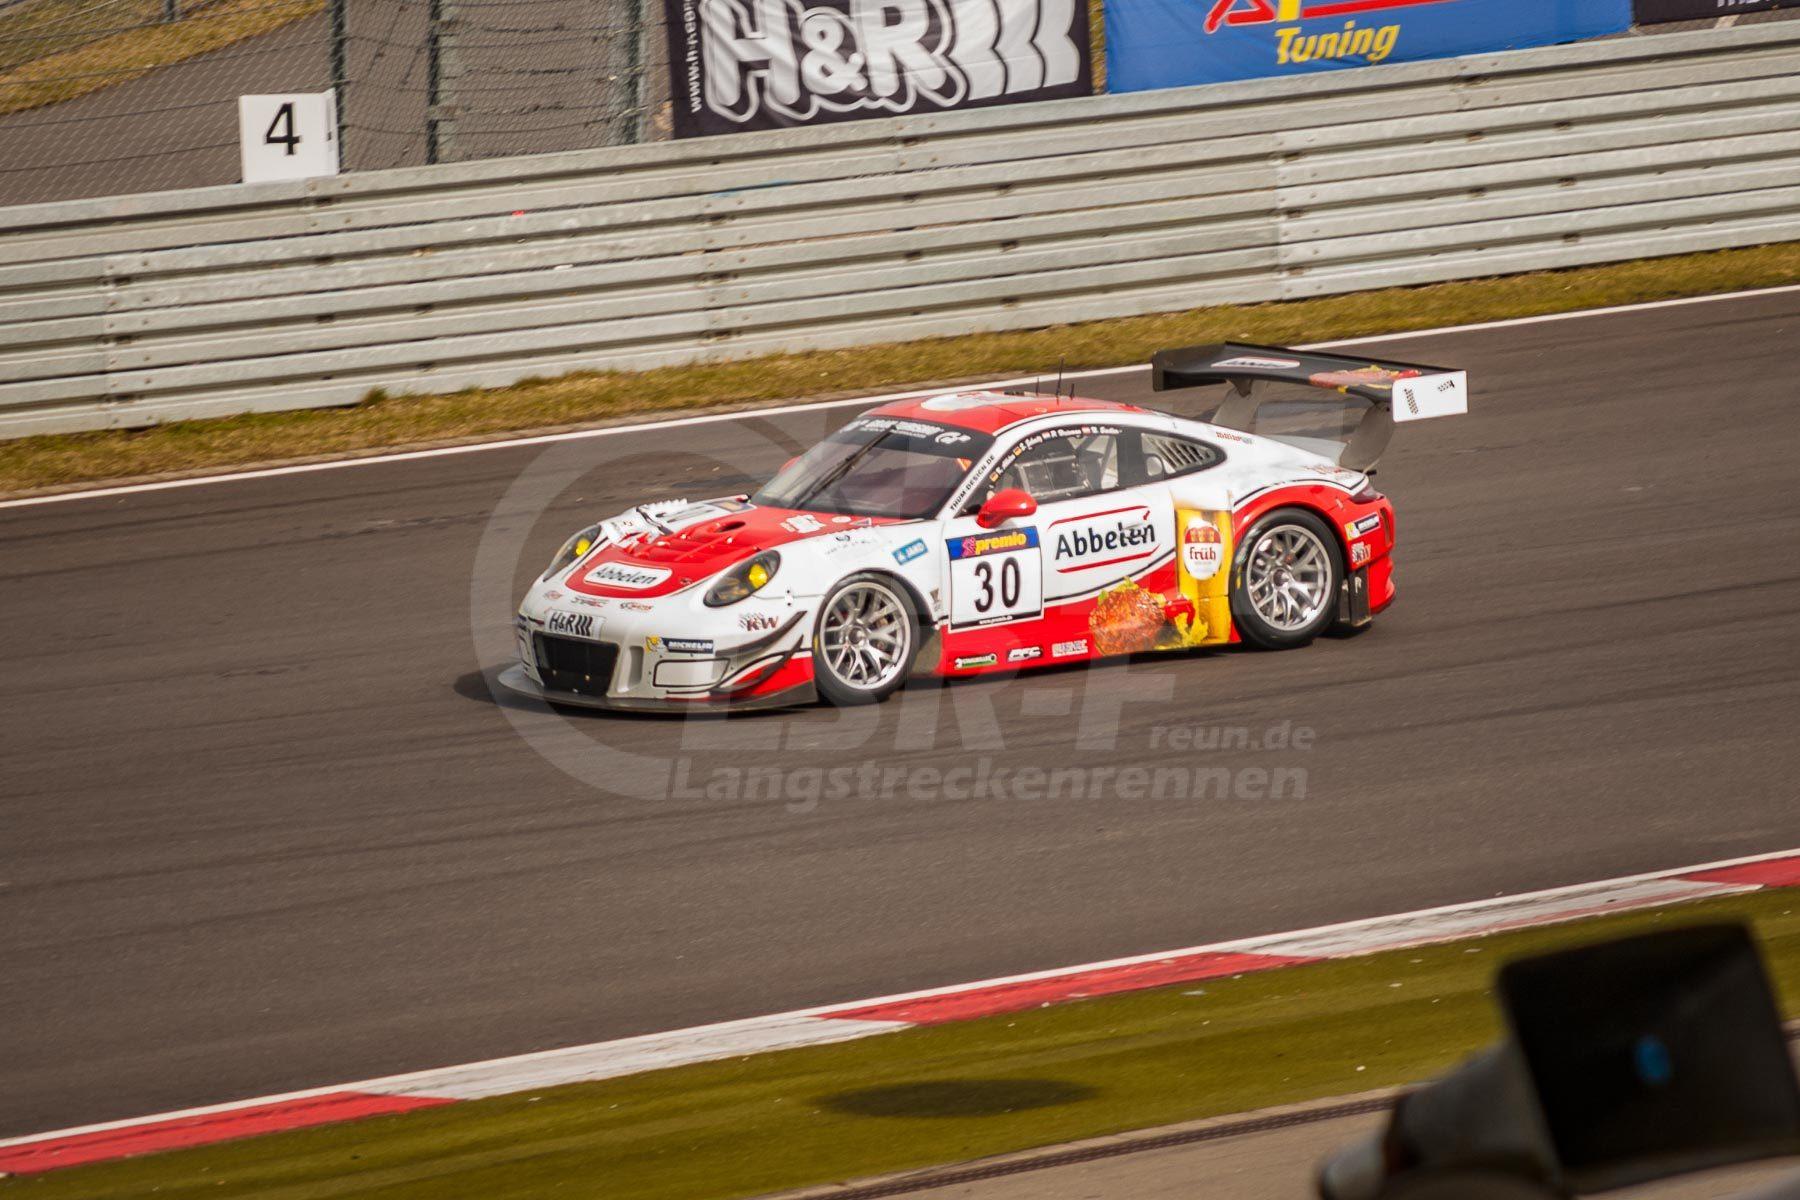 """Porsche 991 GT3R - MSC Adenau e.V. """"Frikadelli Racing"""""""